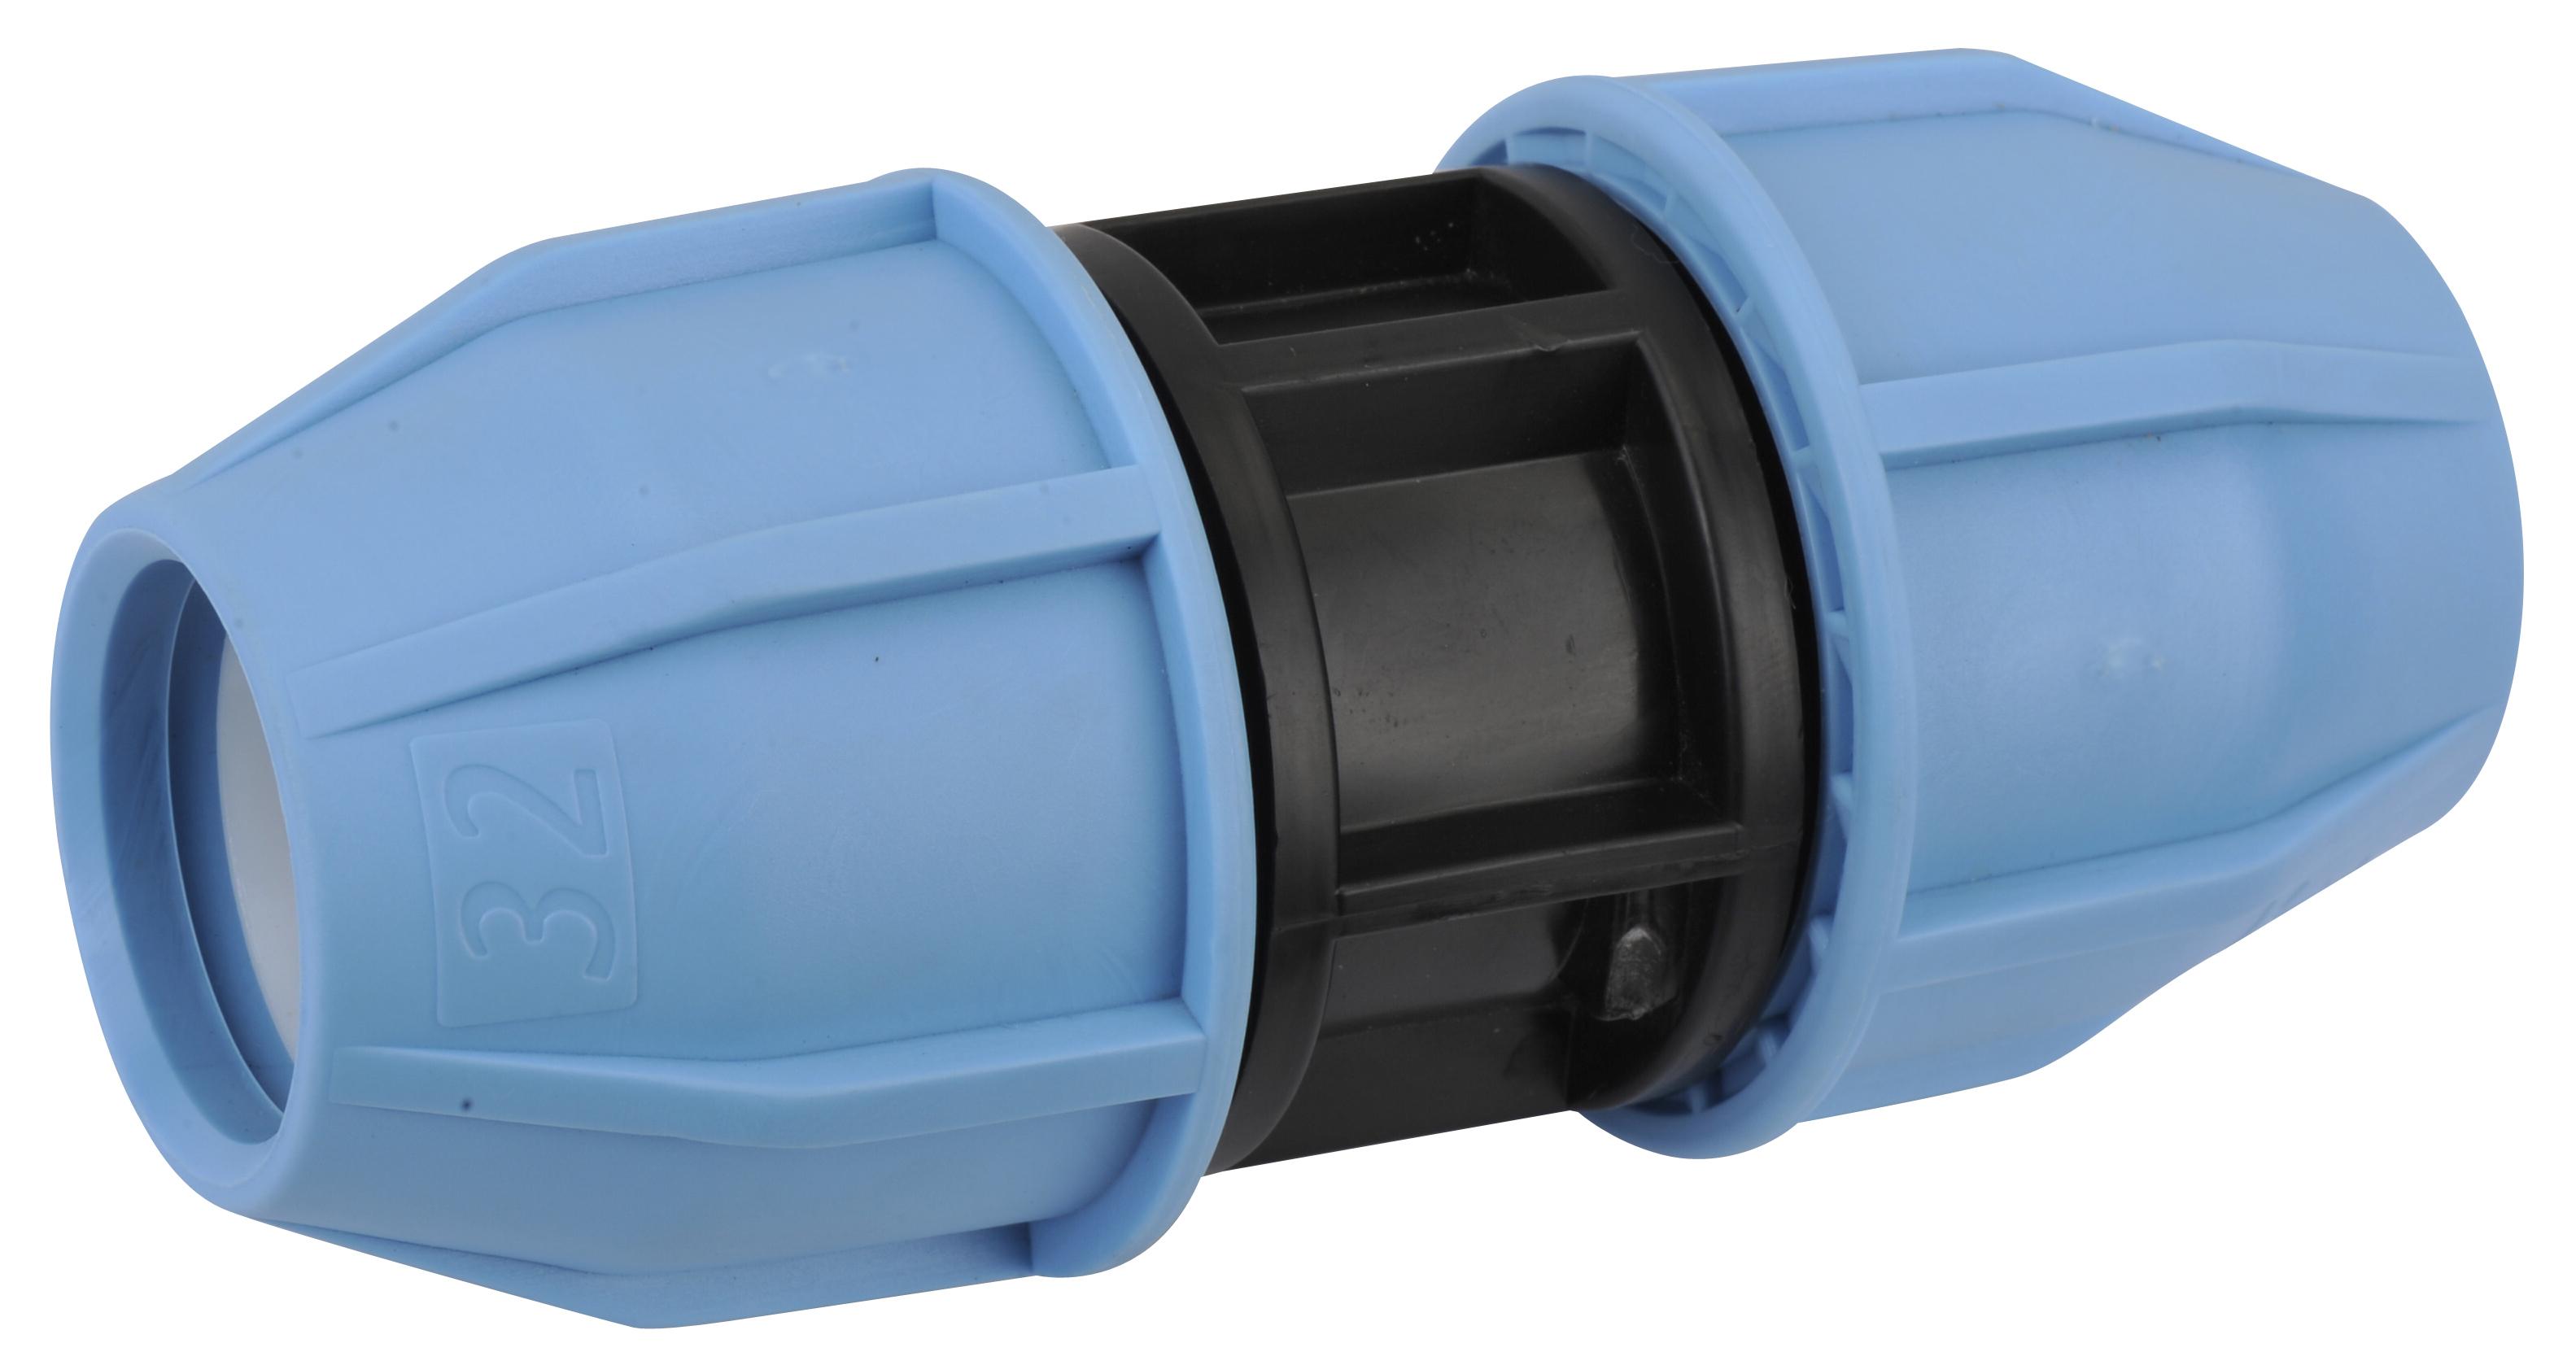 Муфта компрессионная PN16 d 20 для ПЭ труб, РТП